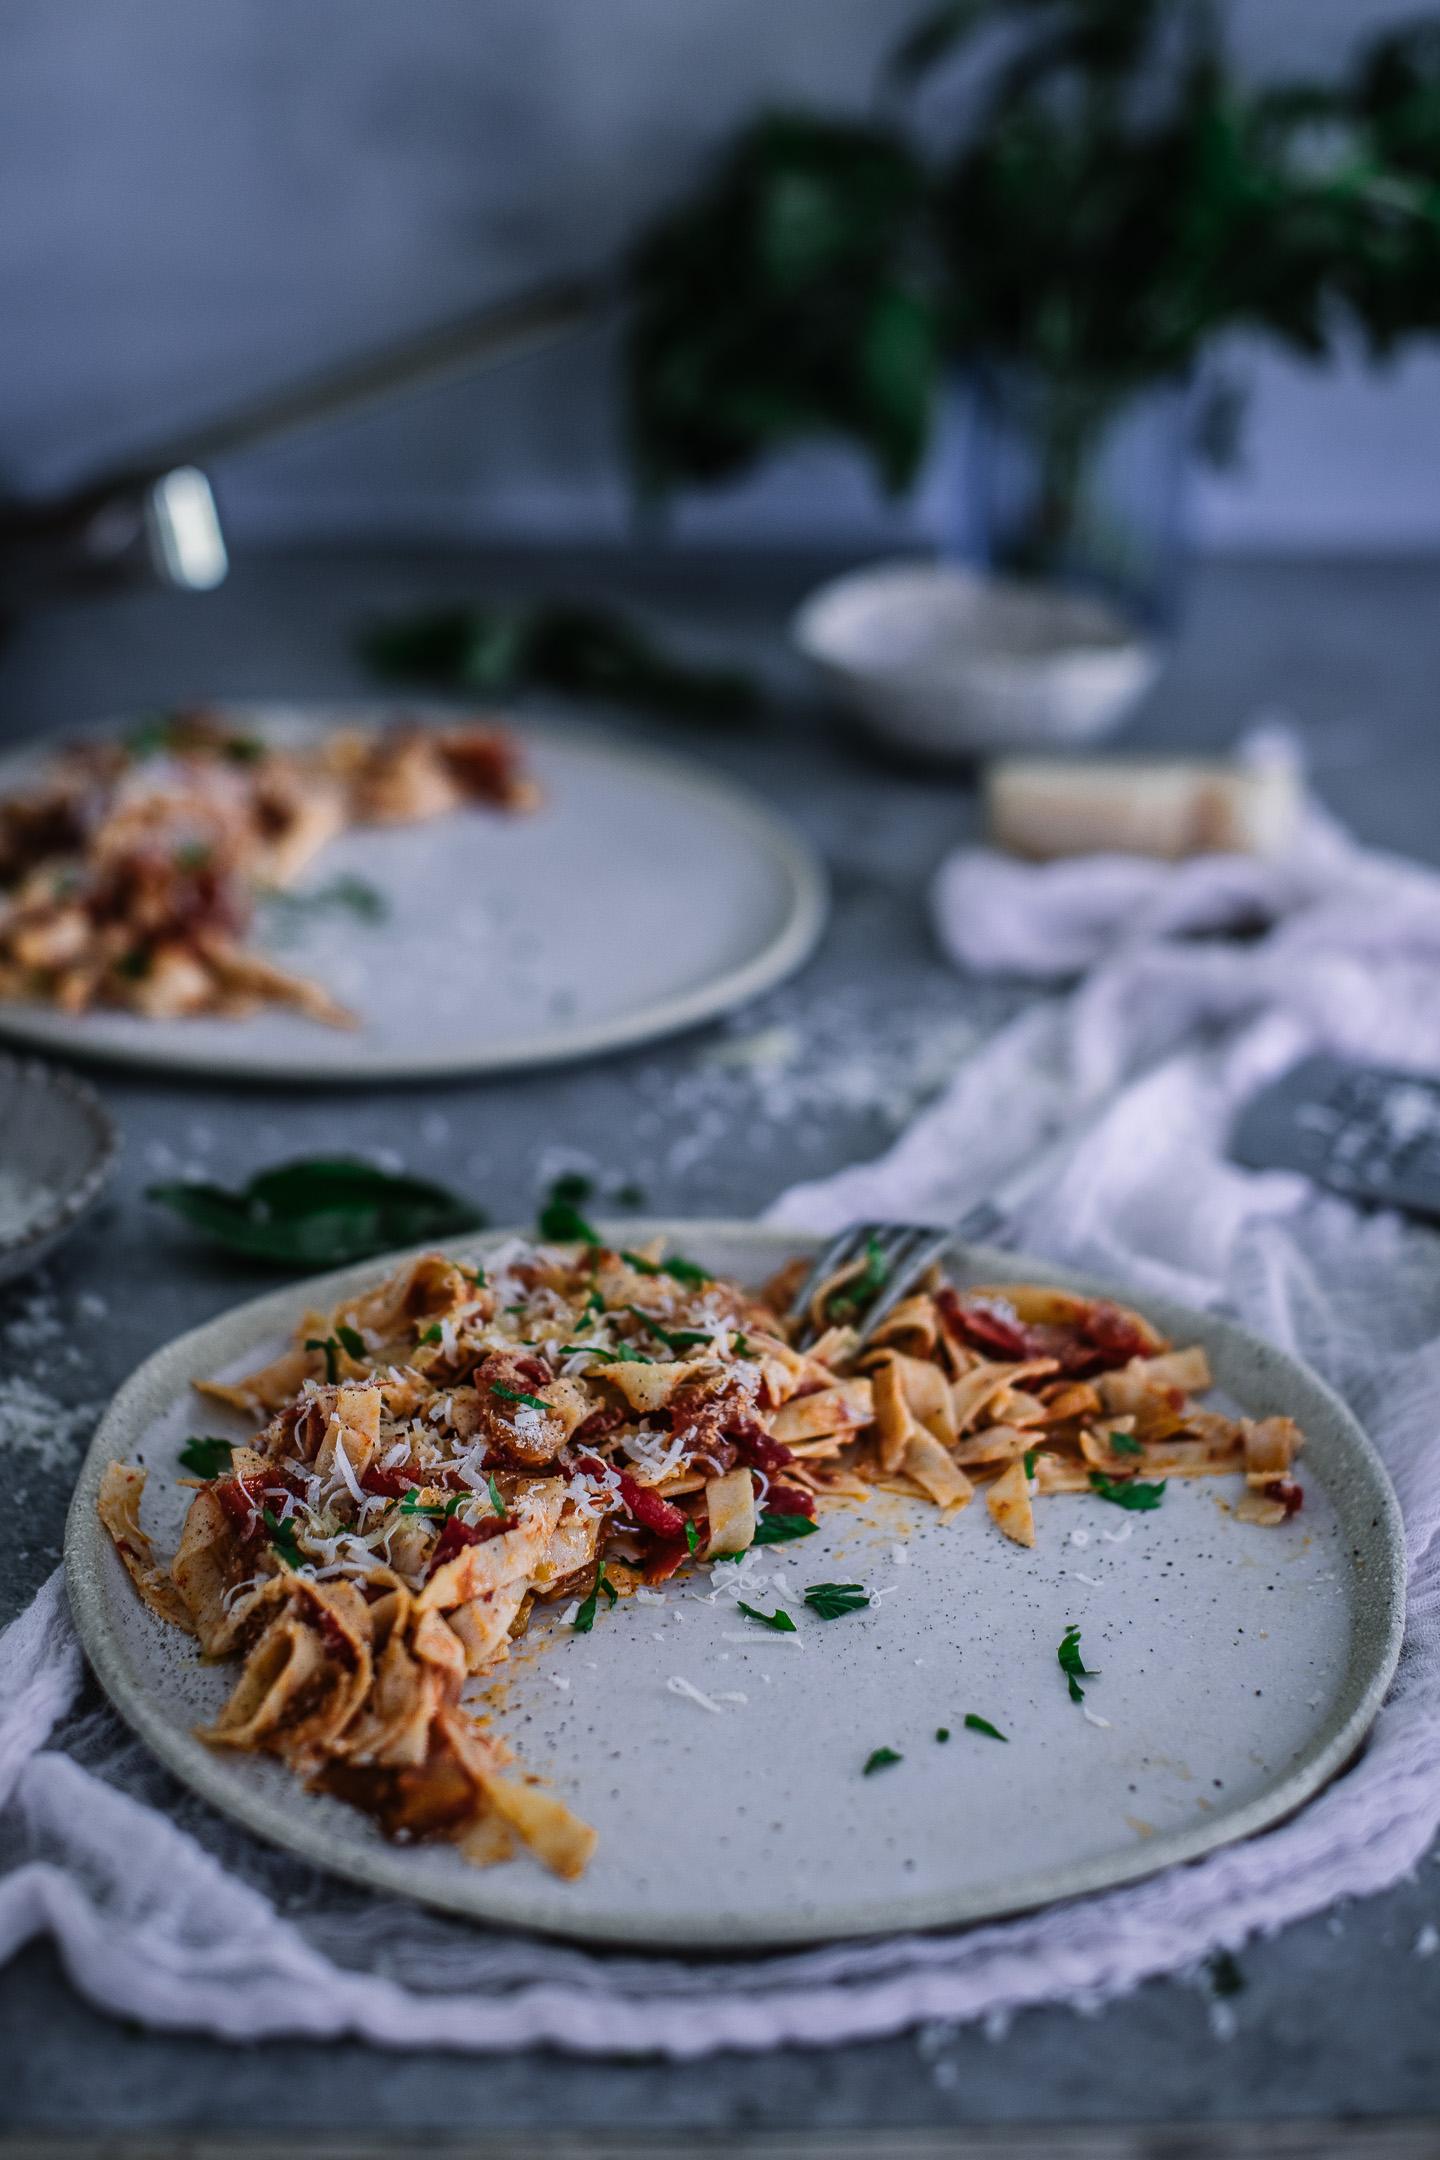 Best Gluten Free Pasta Recipe